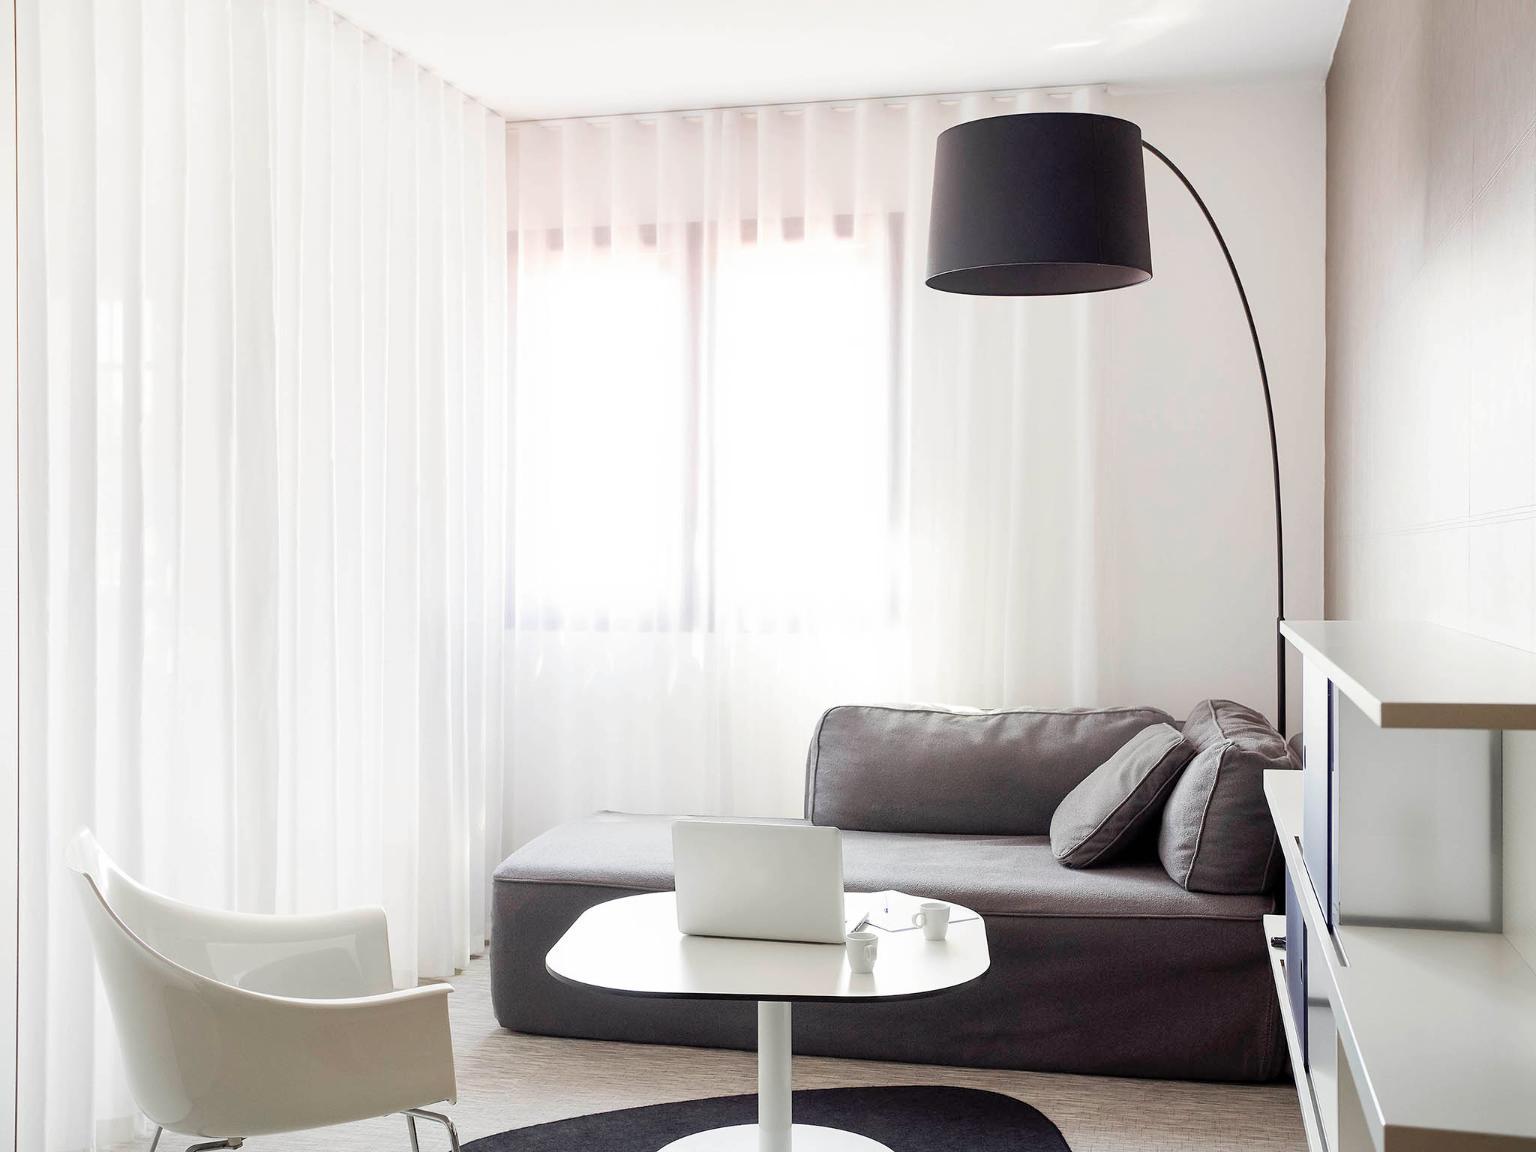 novotel suites perpignan m diterran e h tel espace mediterranee 34 avenue general leclerc. Black Bedroom Furniture Sets. Home Design Ideas